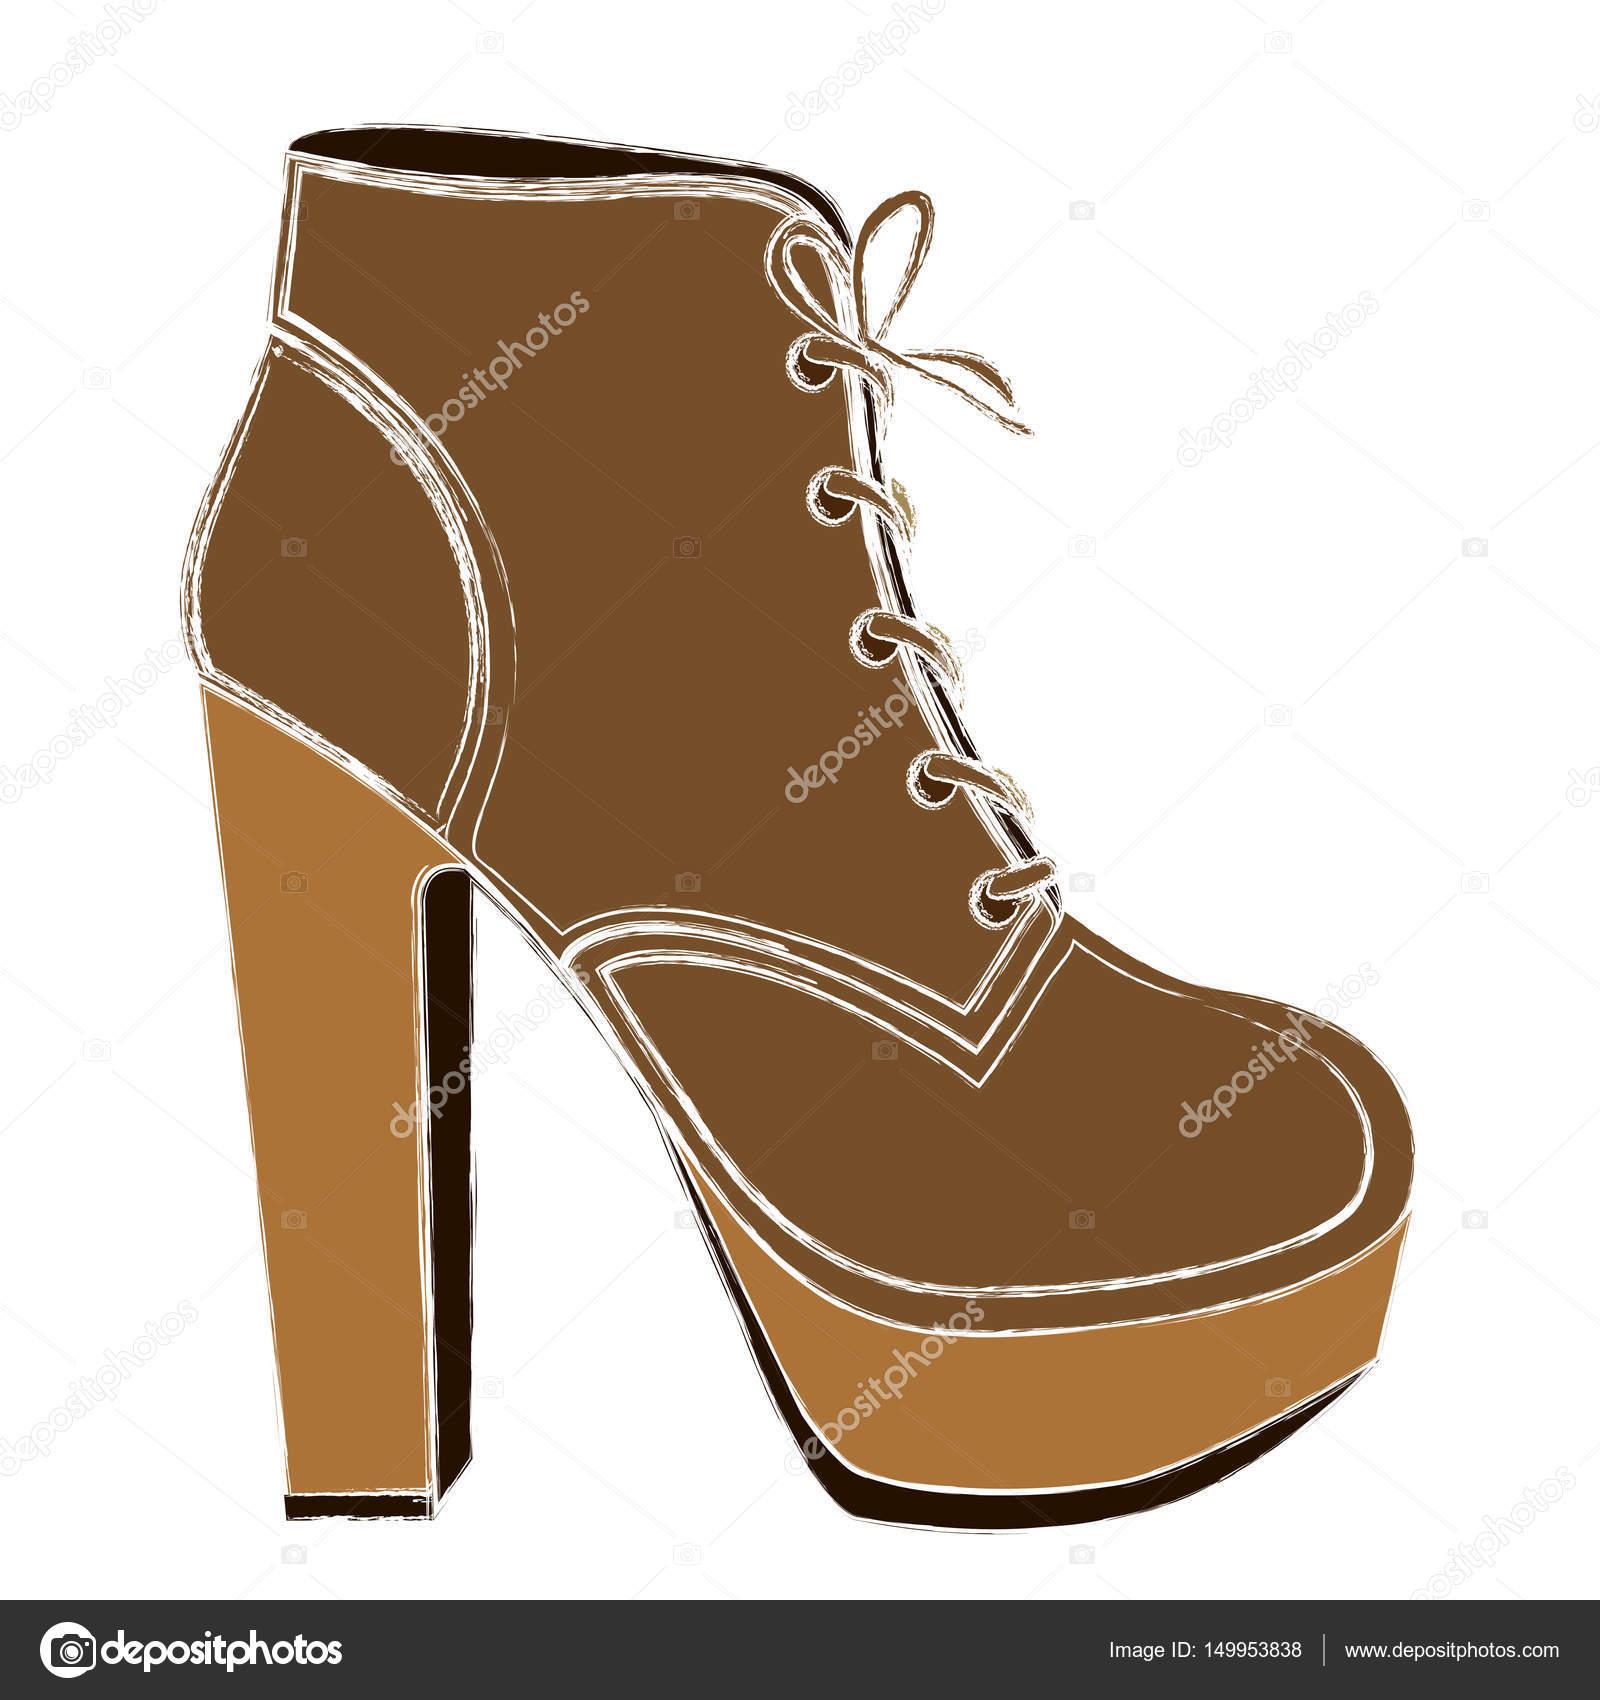 47b7e0edac Esboço de sapato de salto alto com cadarço da cor ilustração vetorial —  Vetor de ...